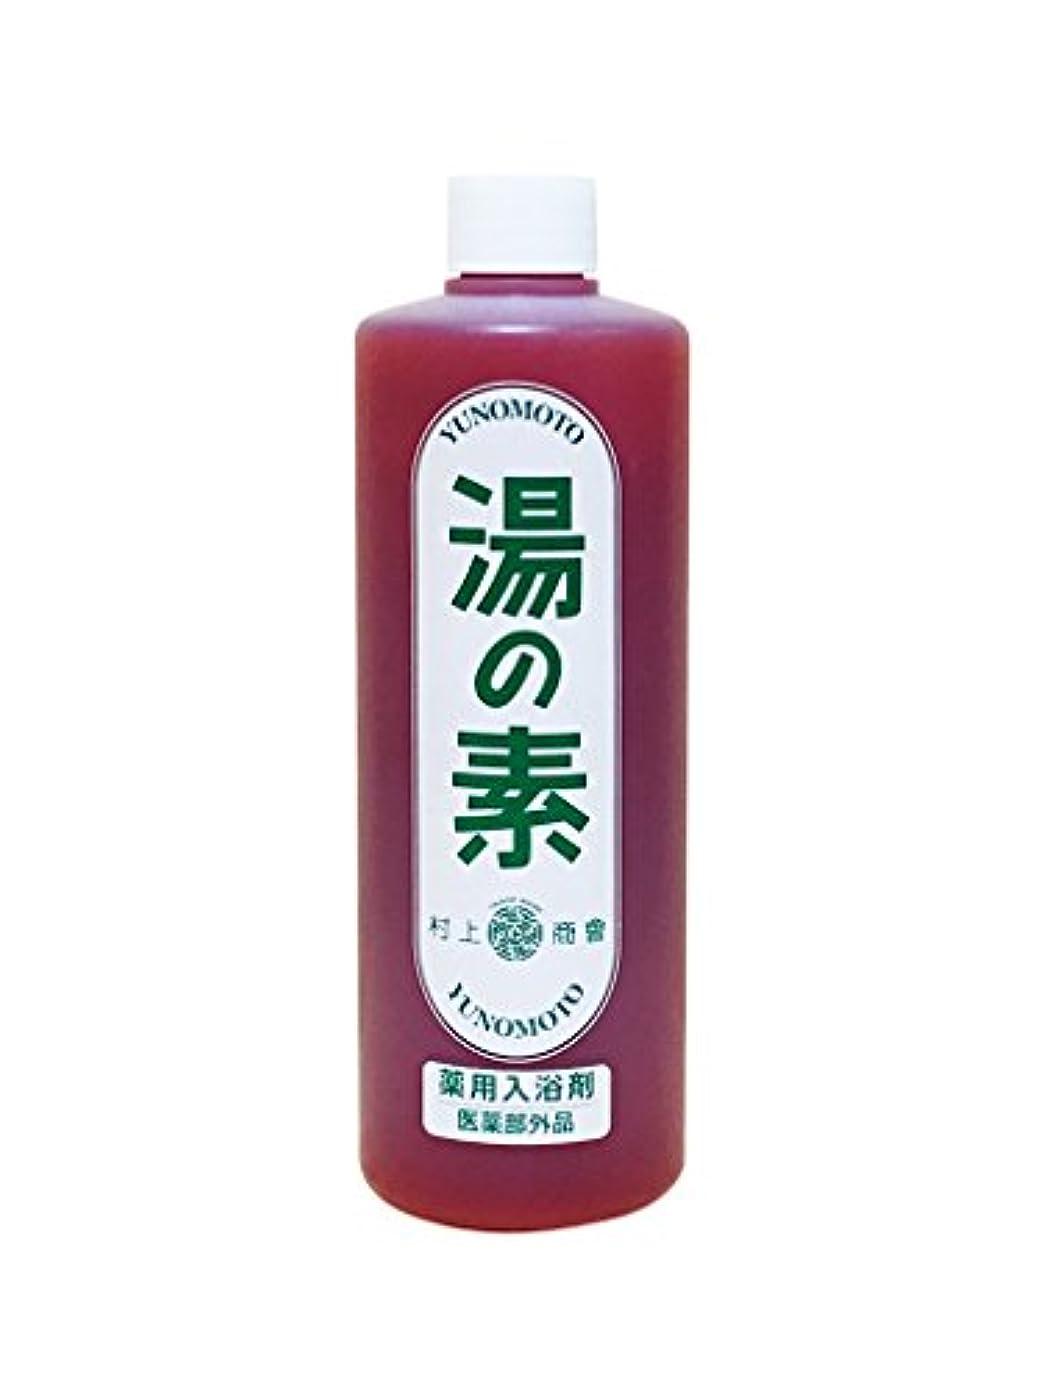 論争セメント形成硫黄乳白色湯 湯の素 薬用入浴剤 (医薬部外品) 490g